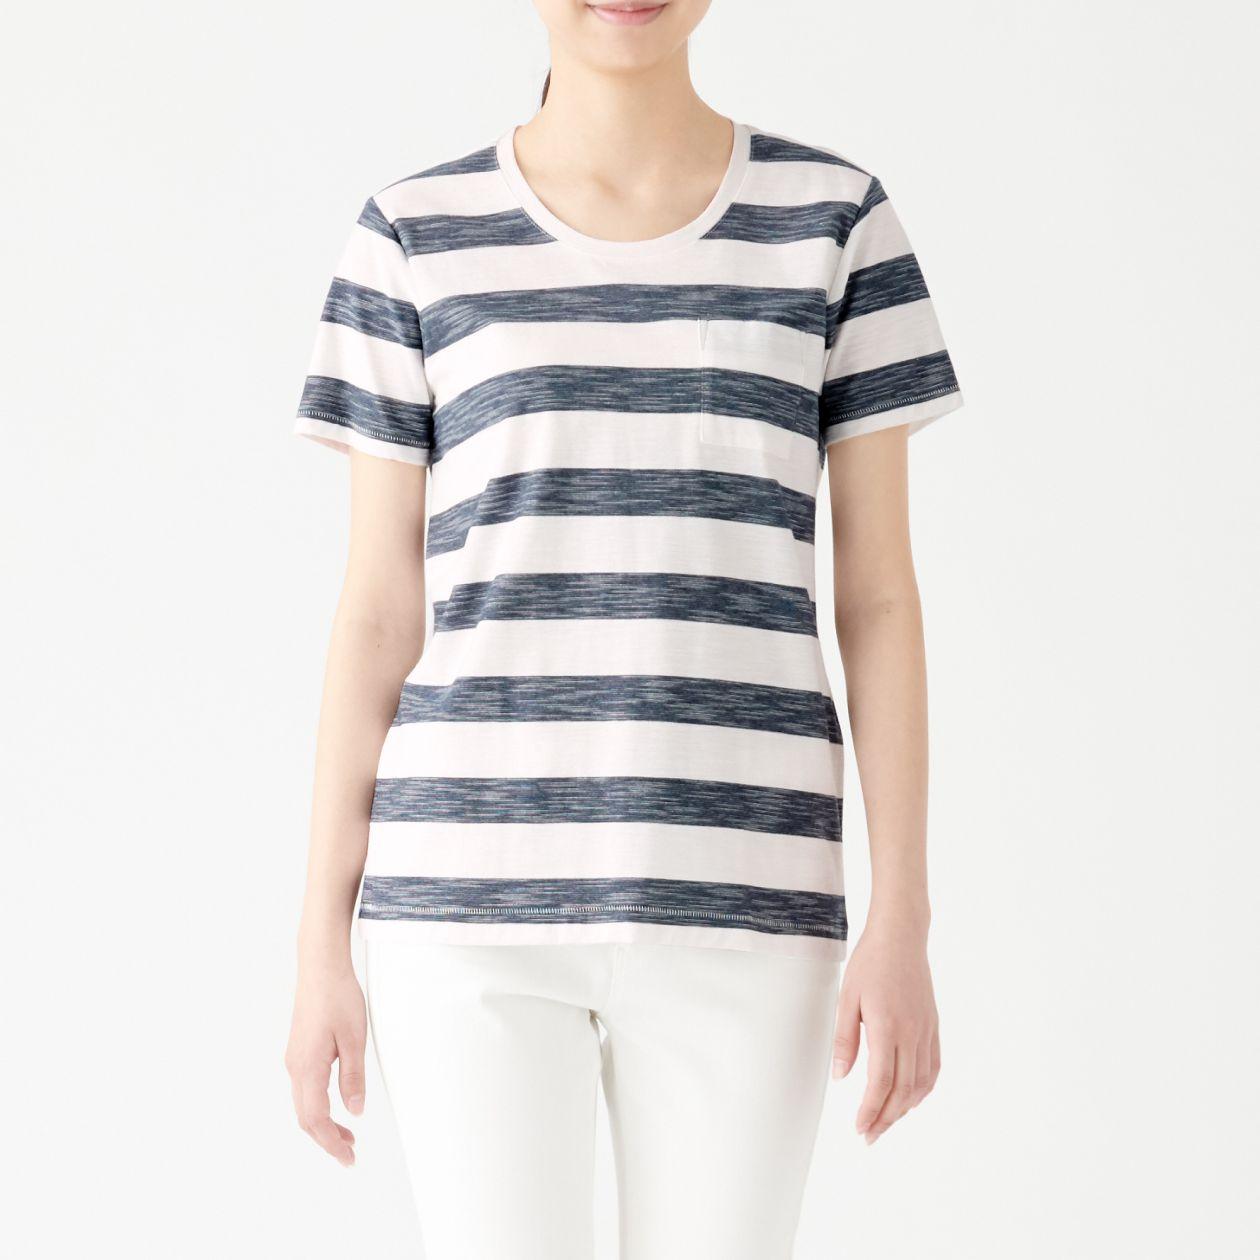 ムラ糸天竺編みクルーネック半袖Tシャツ(ボーダー)